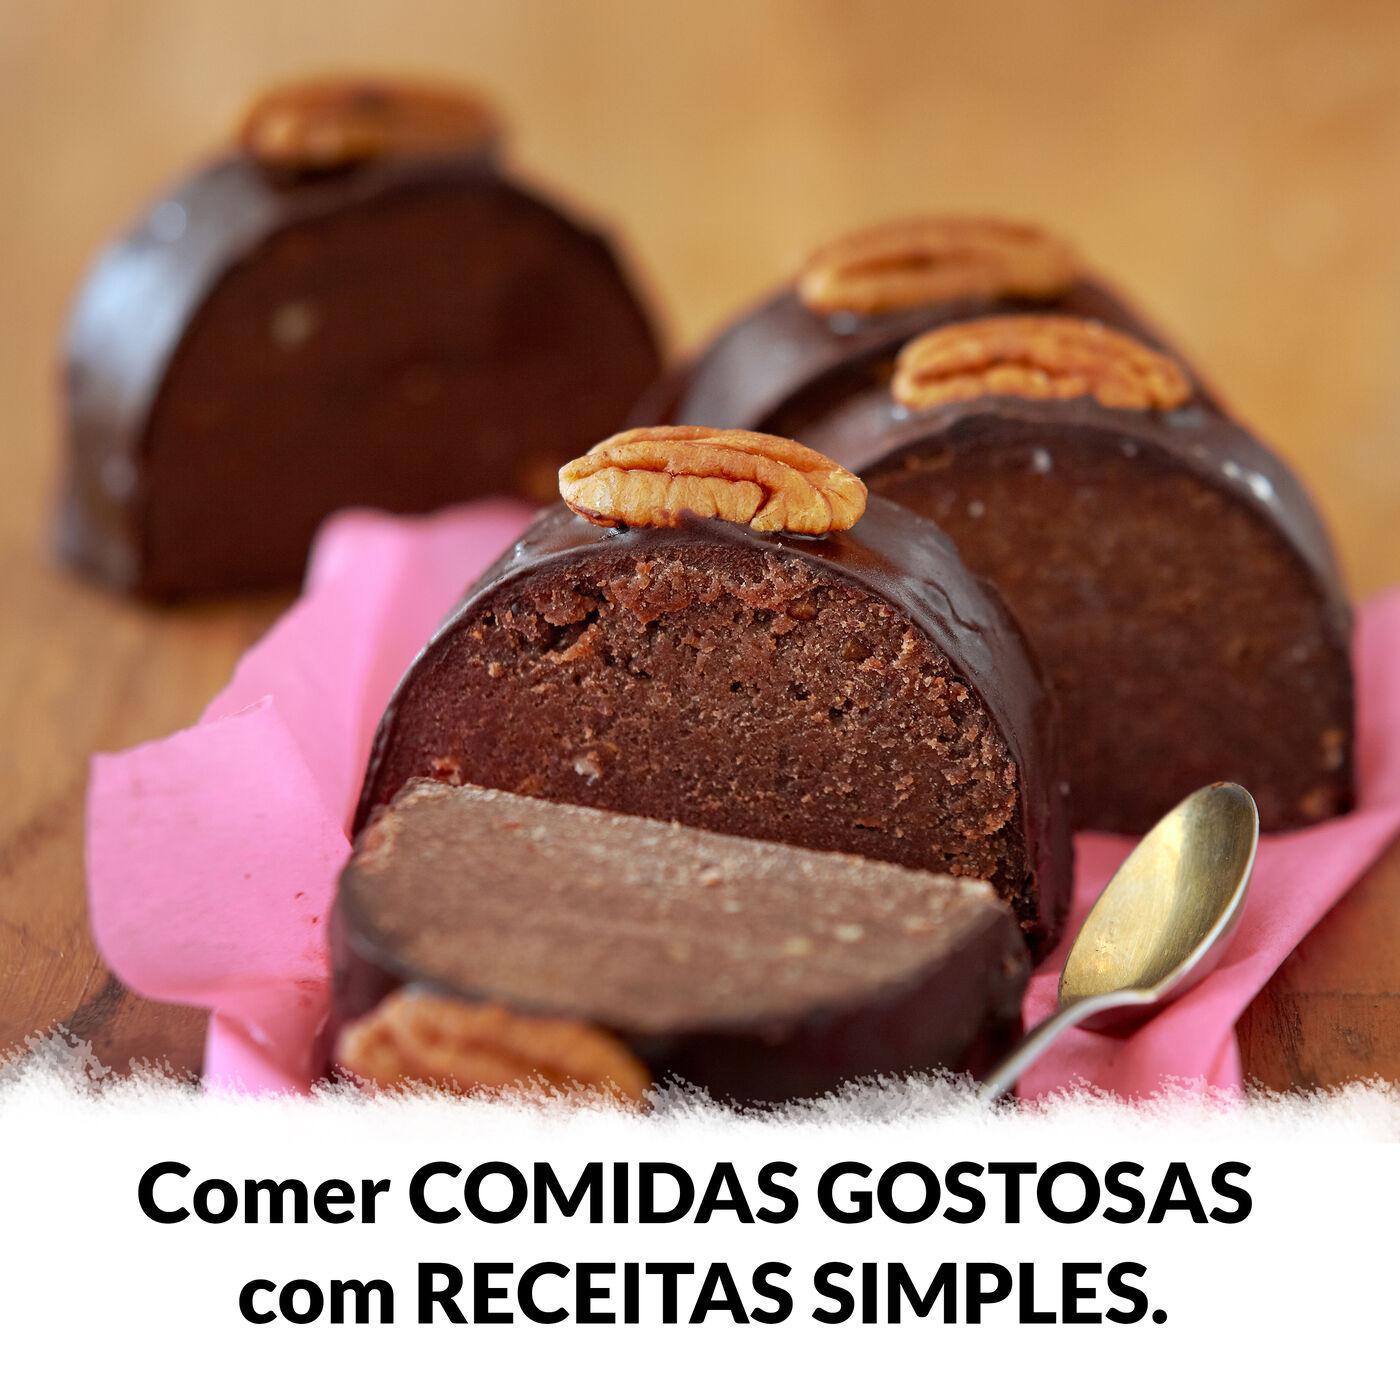 Comer COMIDAS GOSTOSAS com RECEITAS SIMPLES.